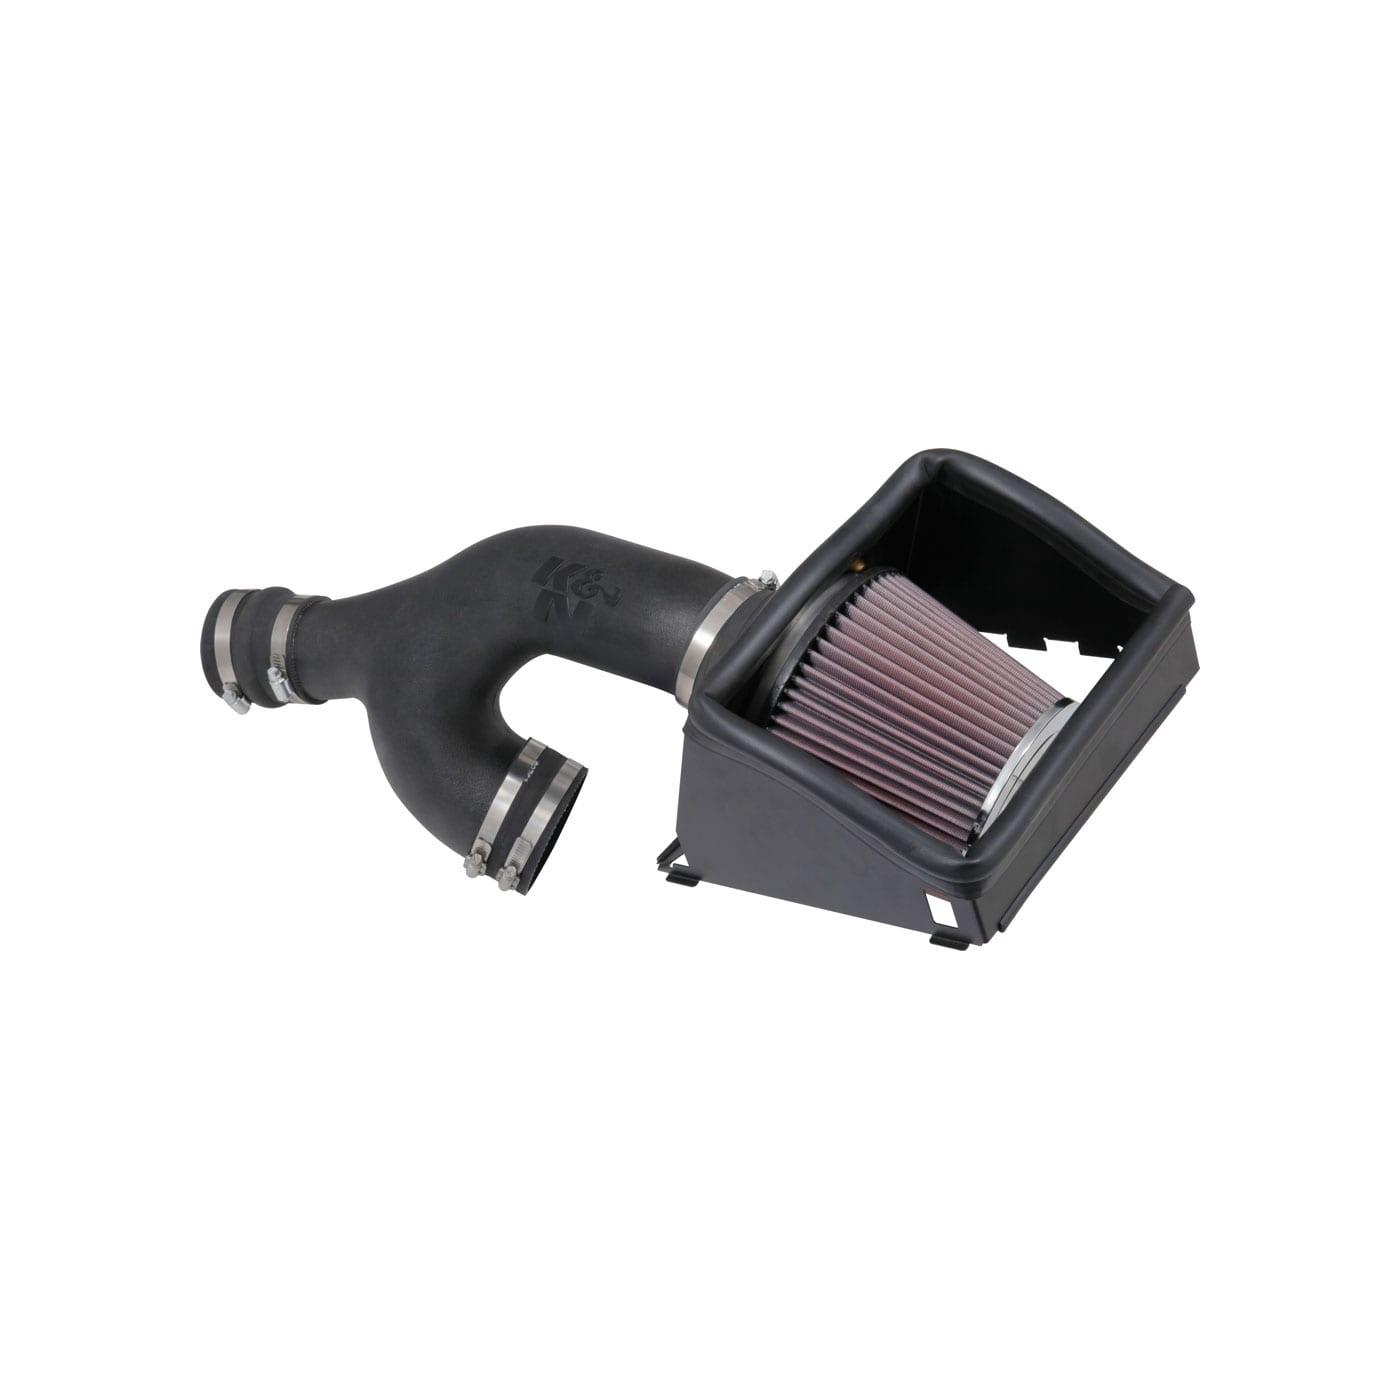 K&N® 63-2599 Cold Air Intake 17-20 F150 / Raptor 3.5 EcoBoost